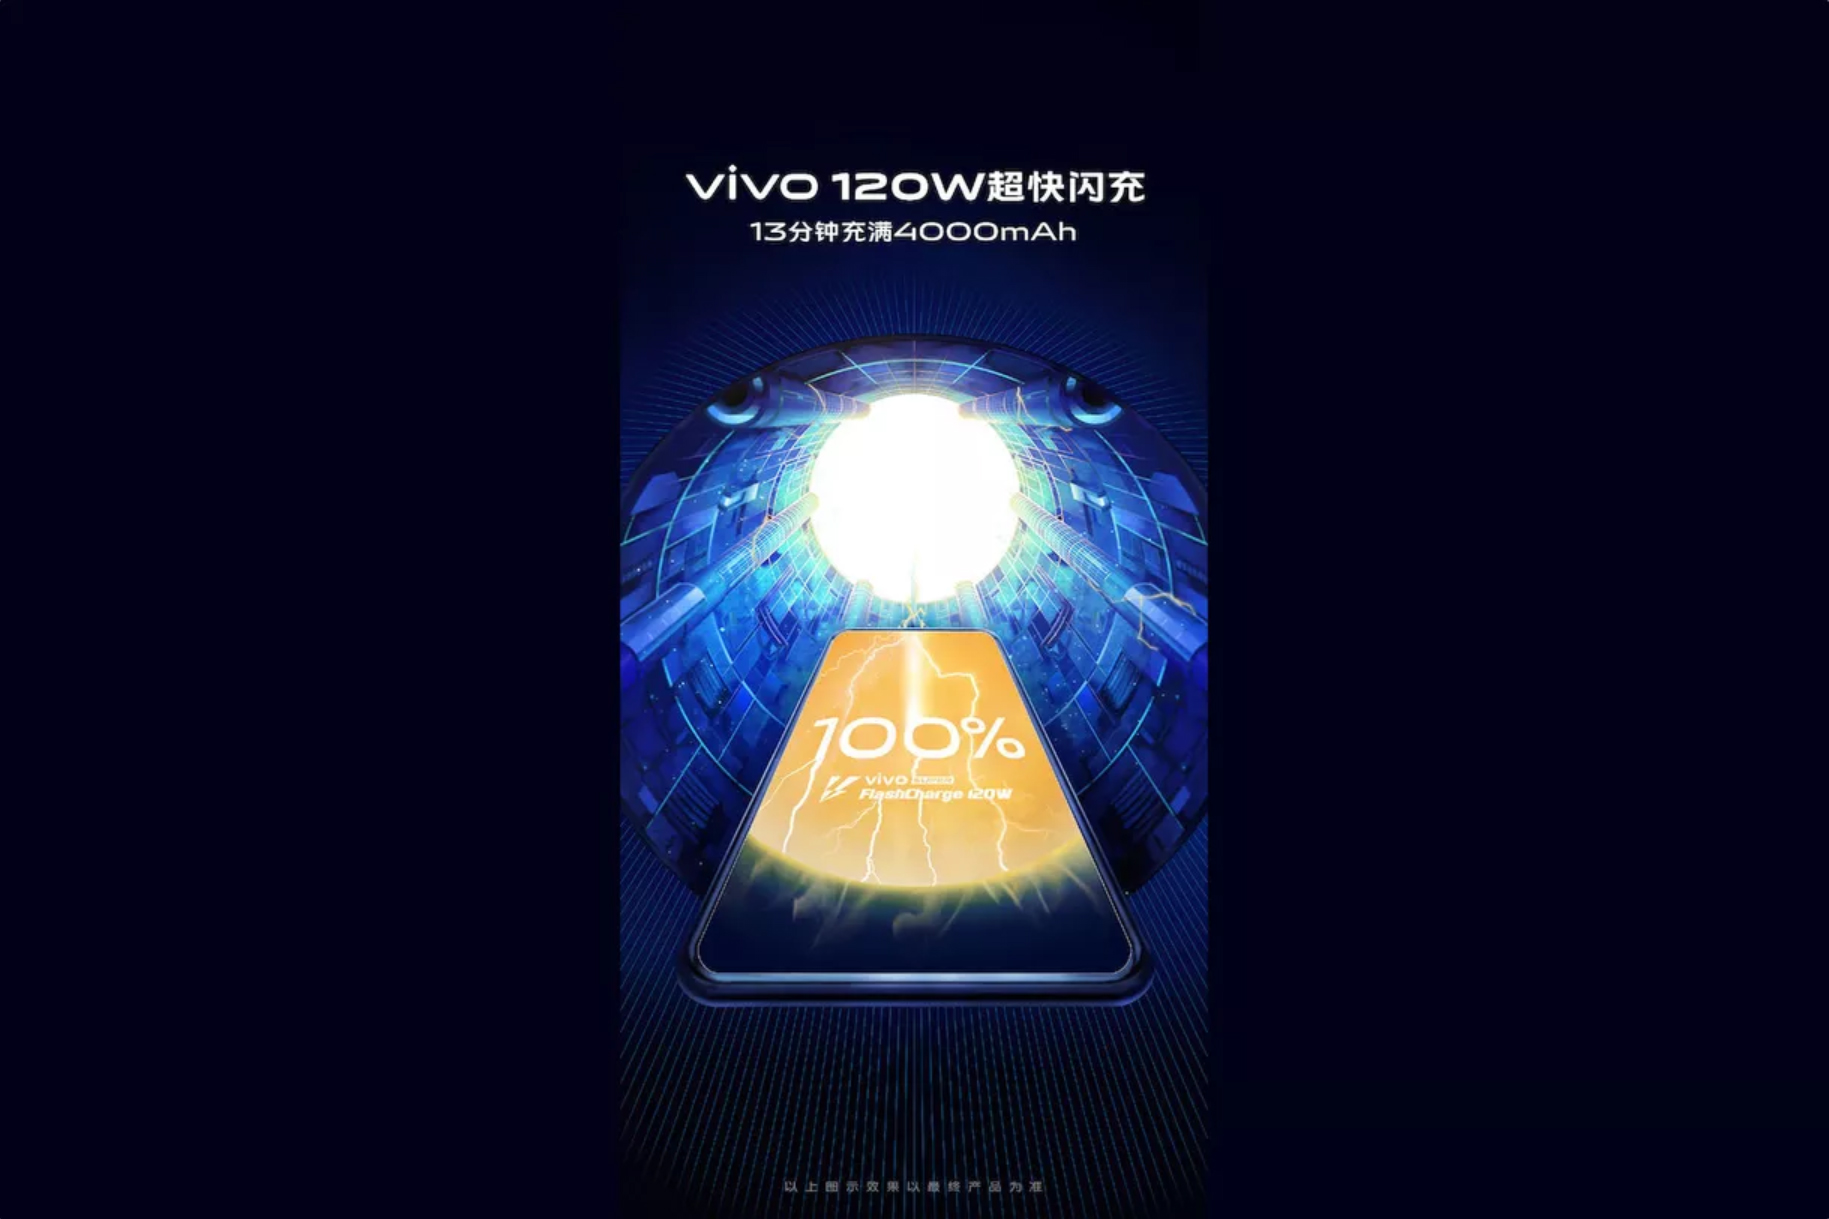 Se întâmplă în tech joi - Vivo SuperFlash Charge